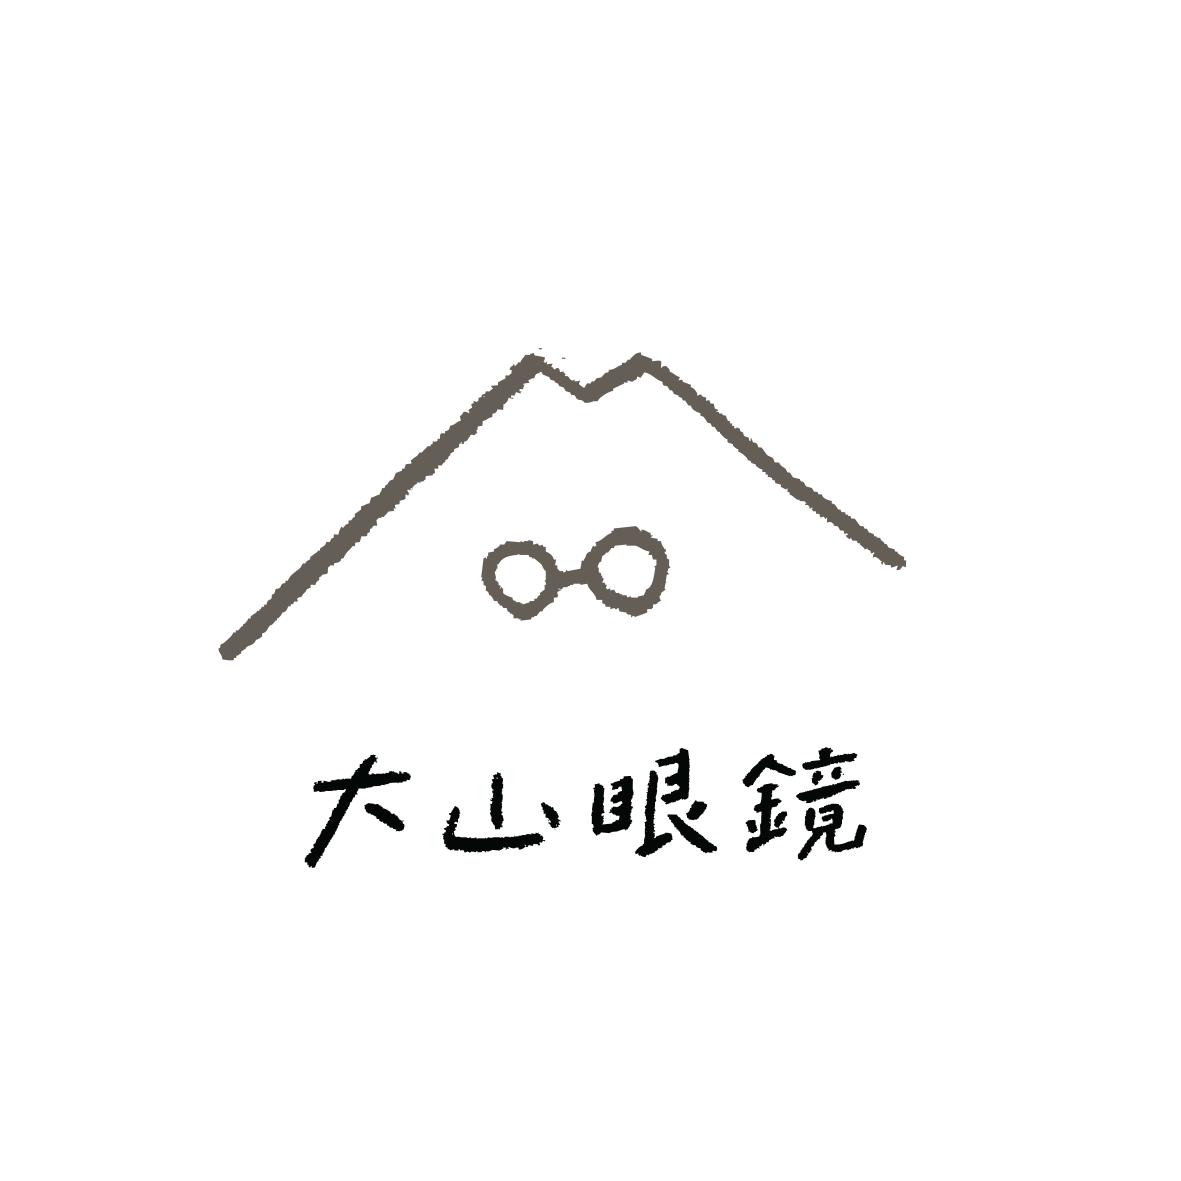 手描き文字で可愛いロゴを作ります 可愛いロゴや手描き特有のあたたかいロゴを制作します♩